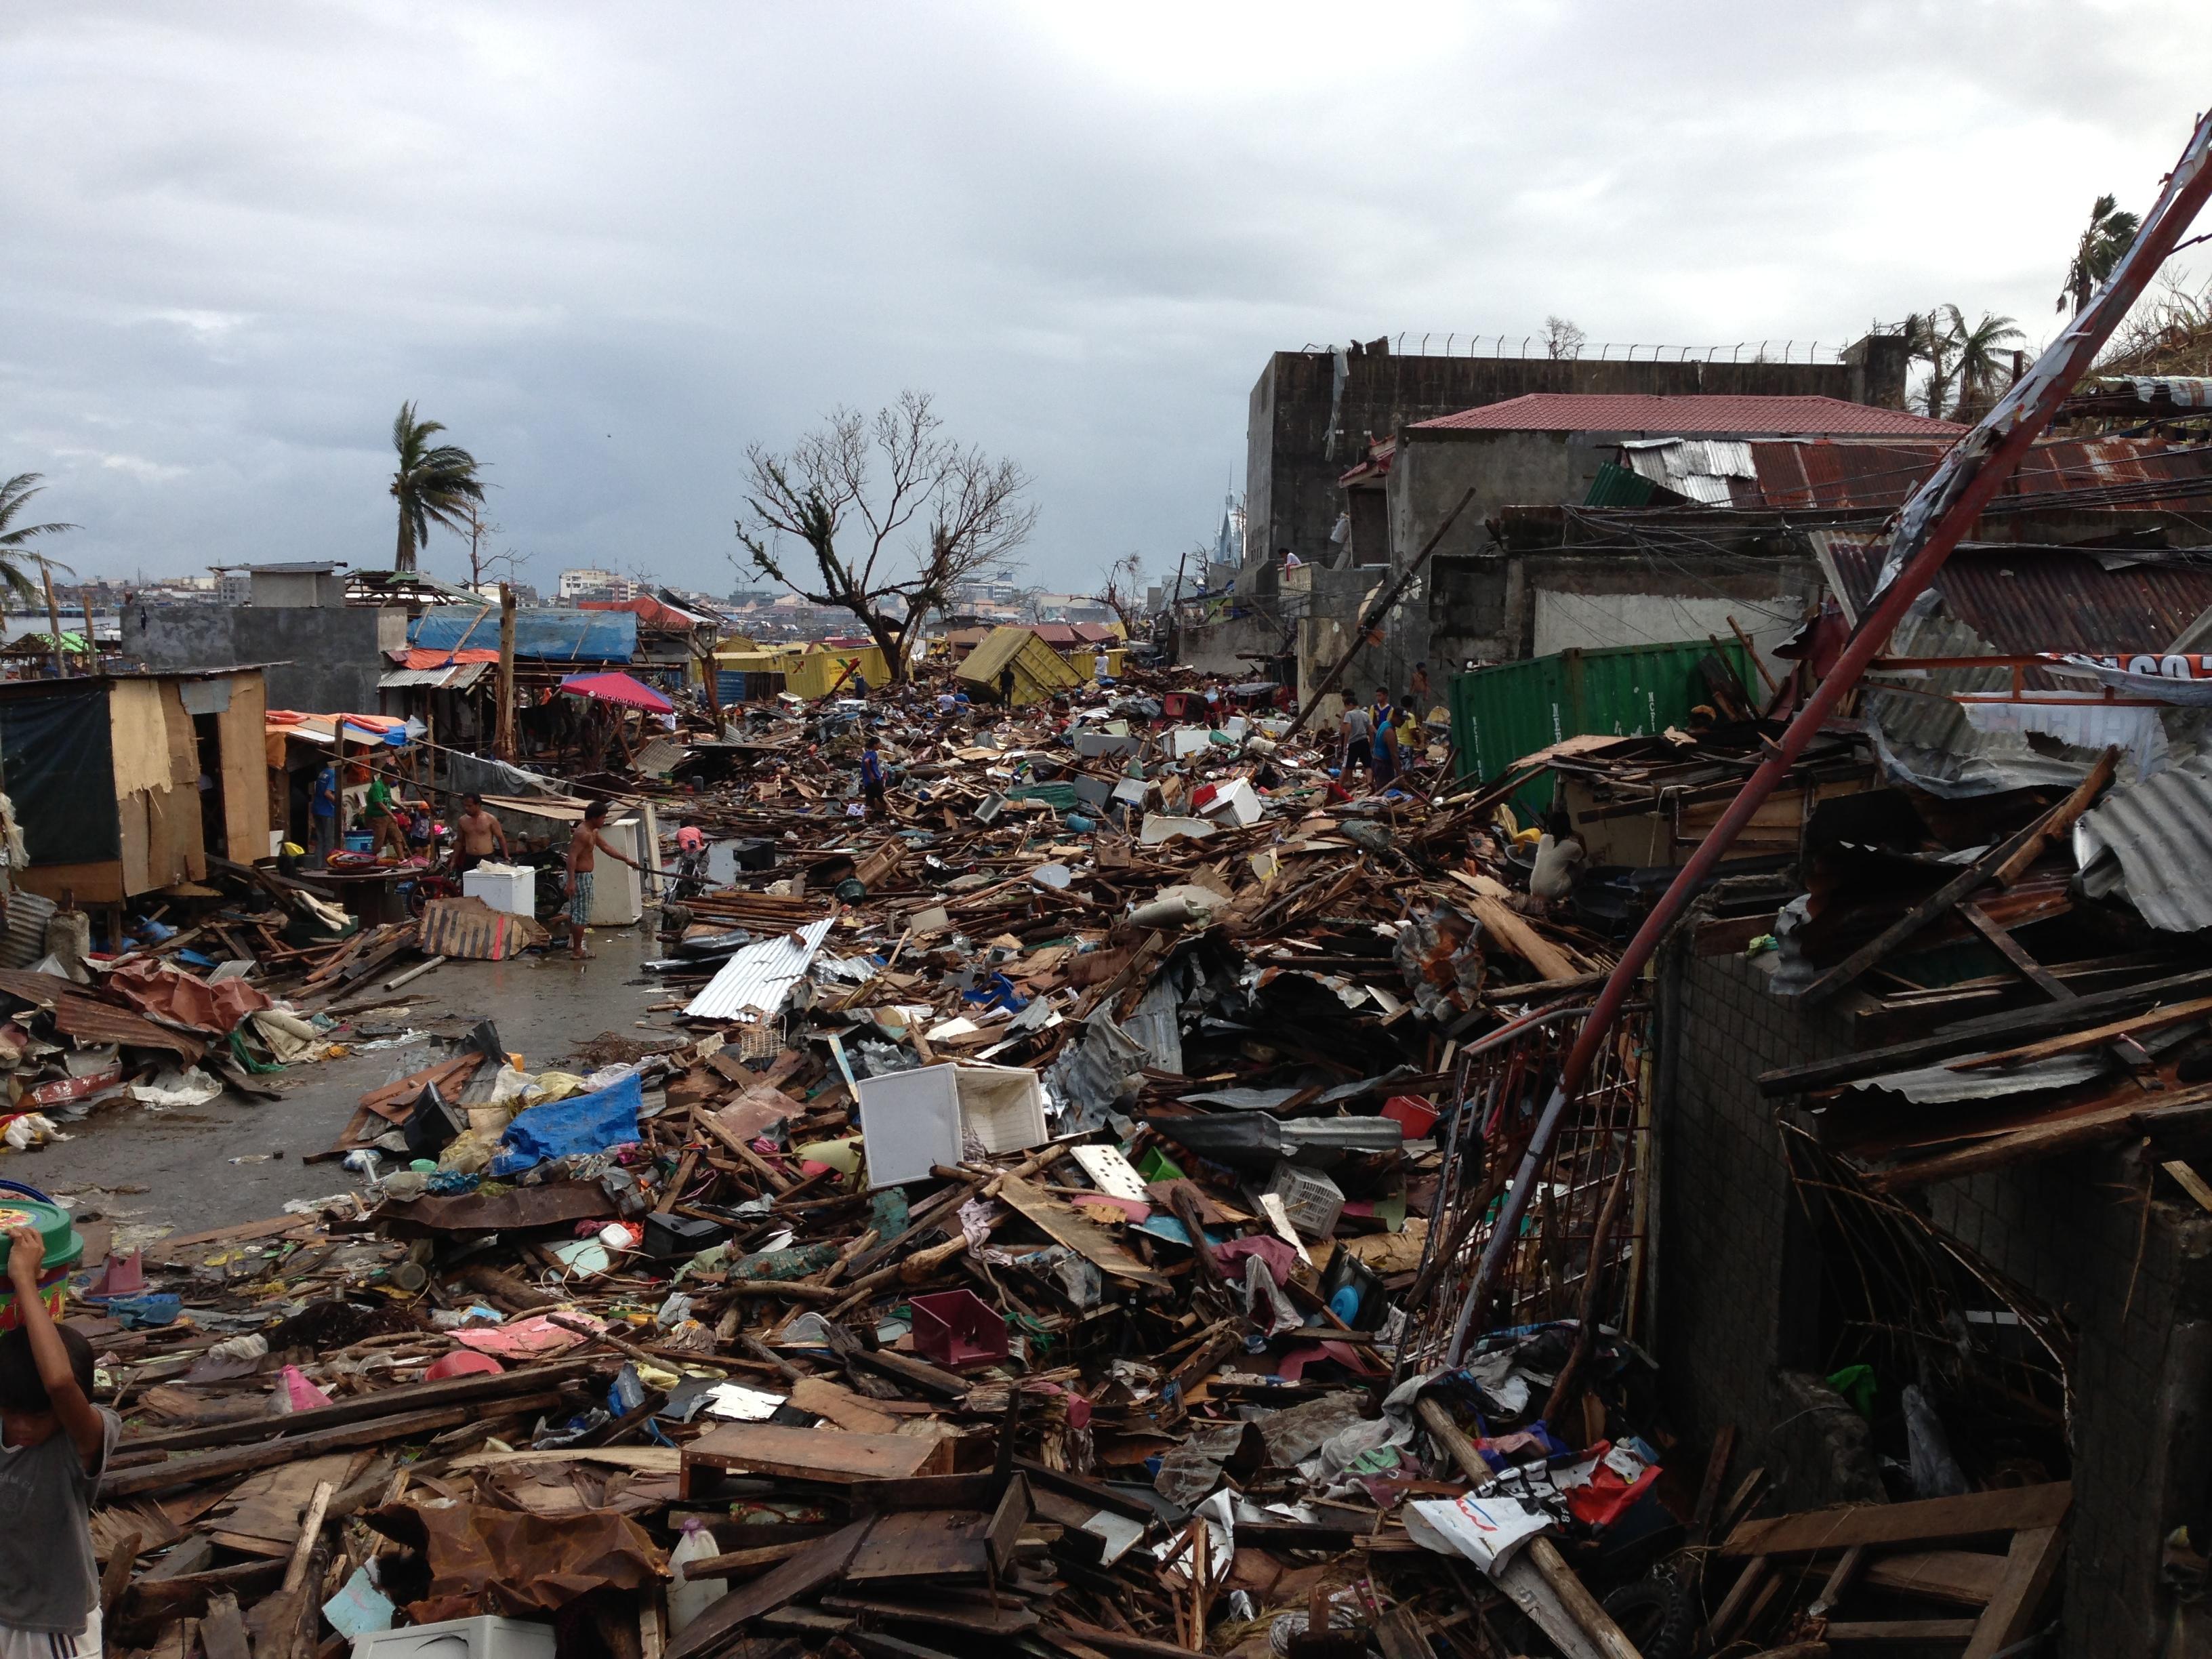 More debris ridden streets